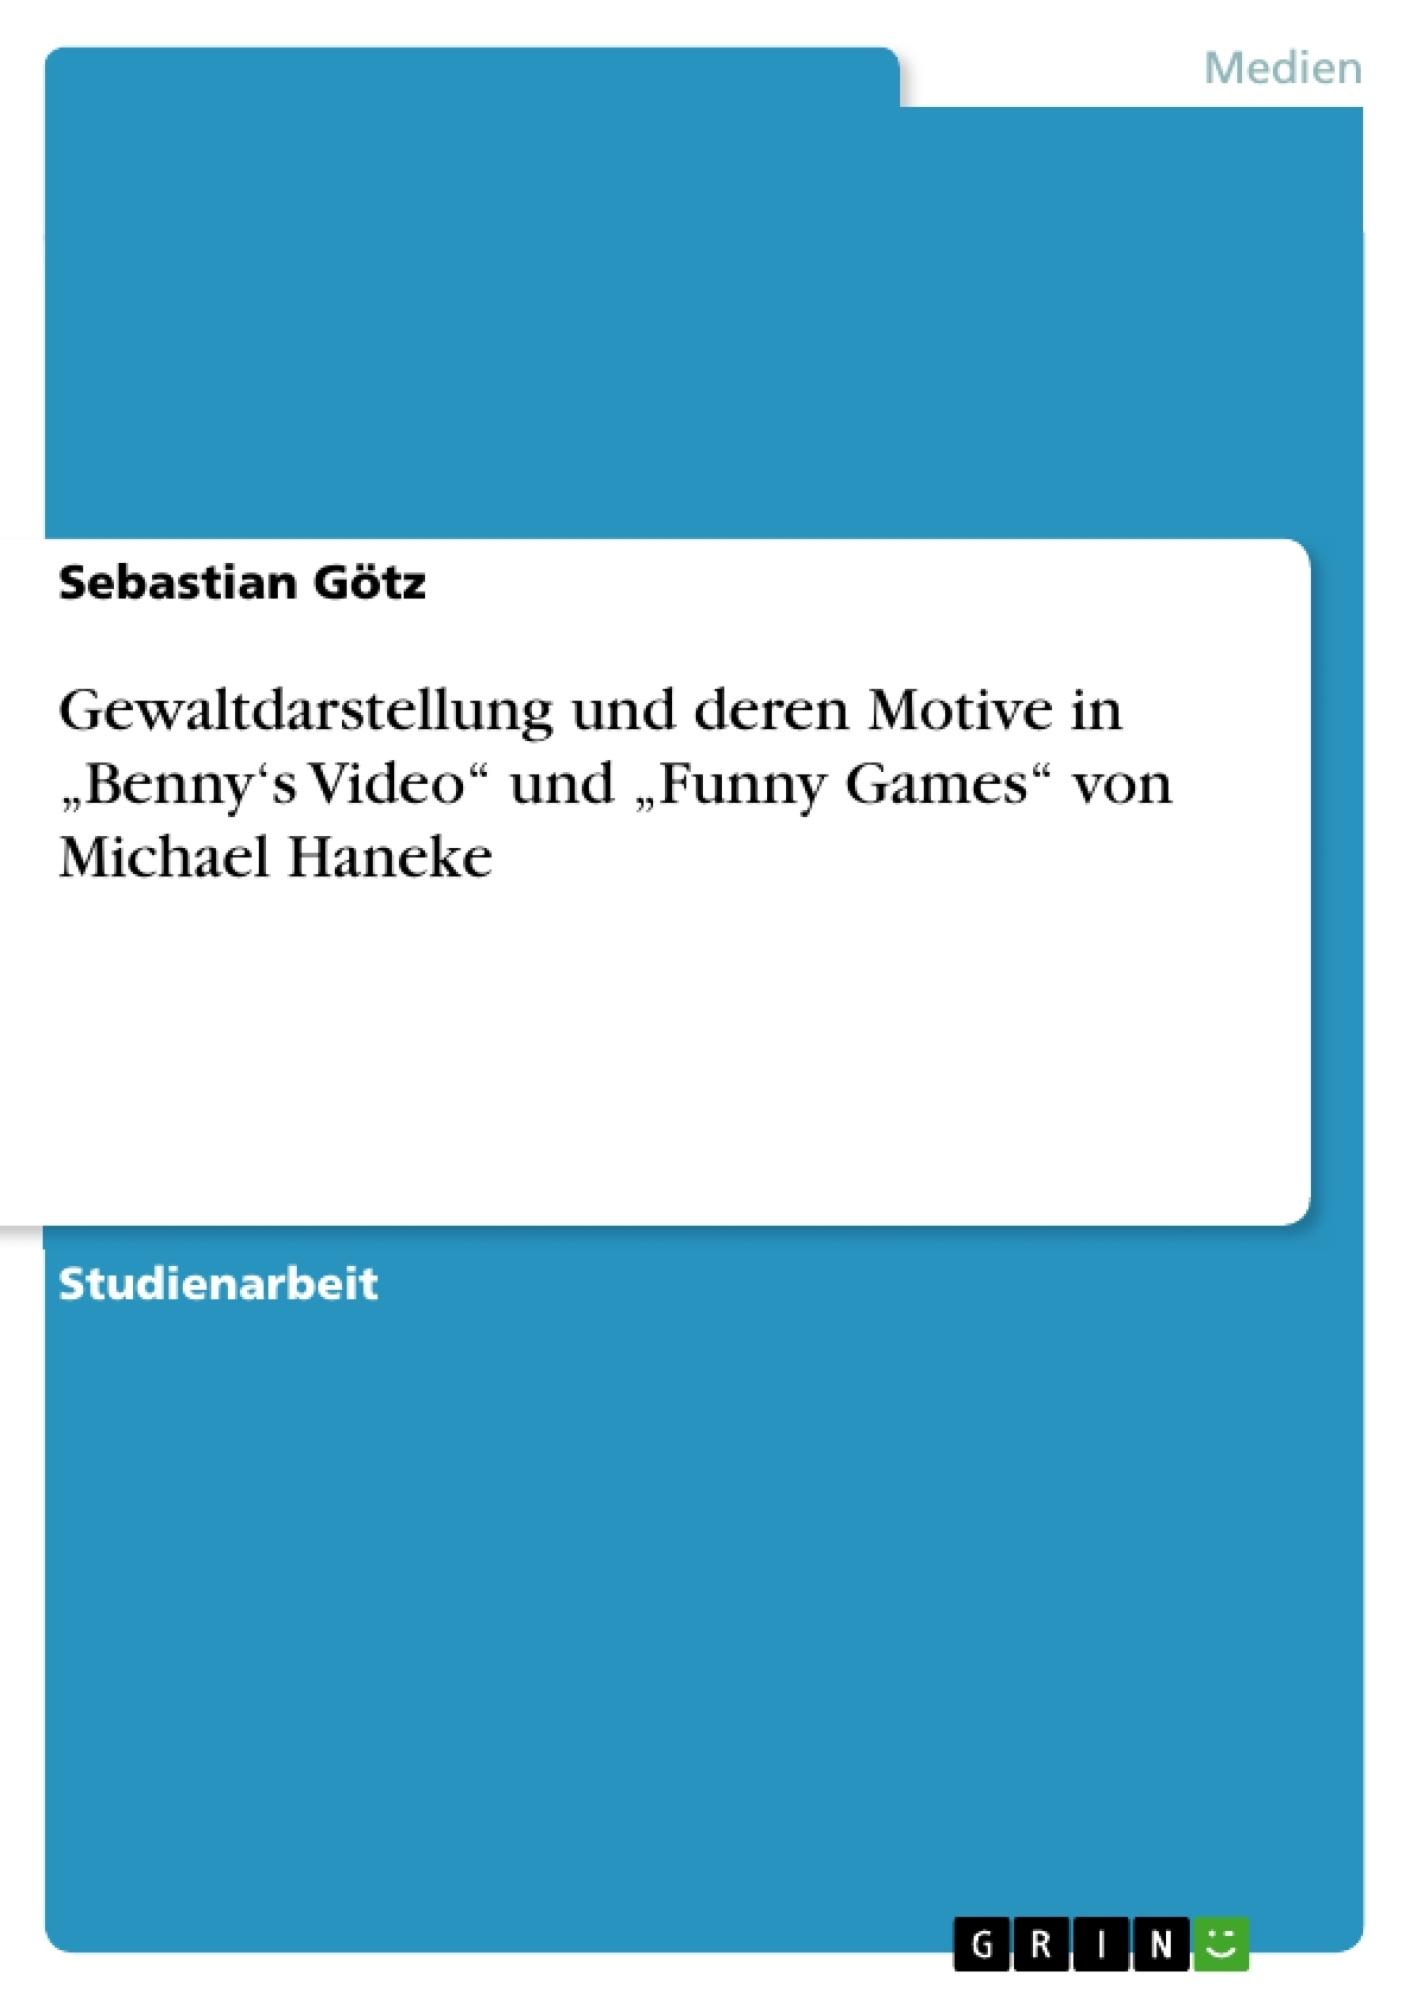 """Titel: Gewaltdarstellung und deren Motive in """"Benny's Video"""" und """"Funny Games"""" von Michael Haneke"""